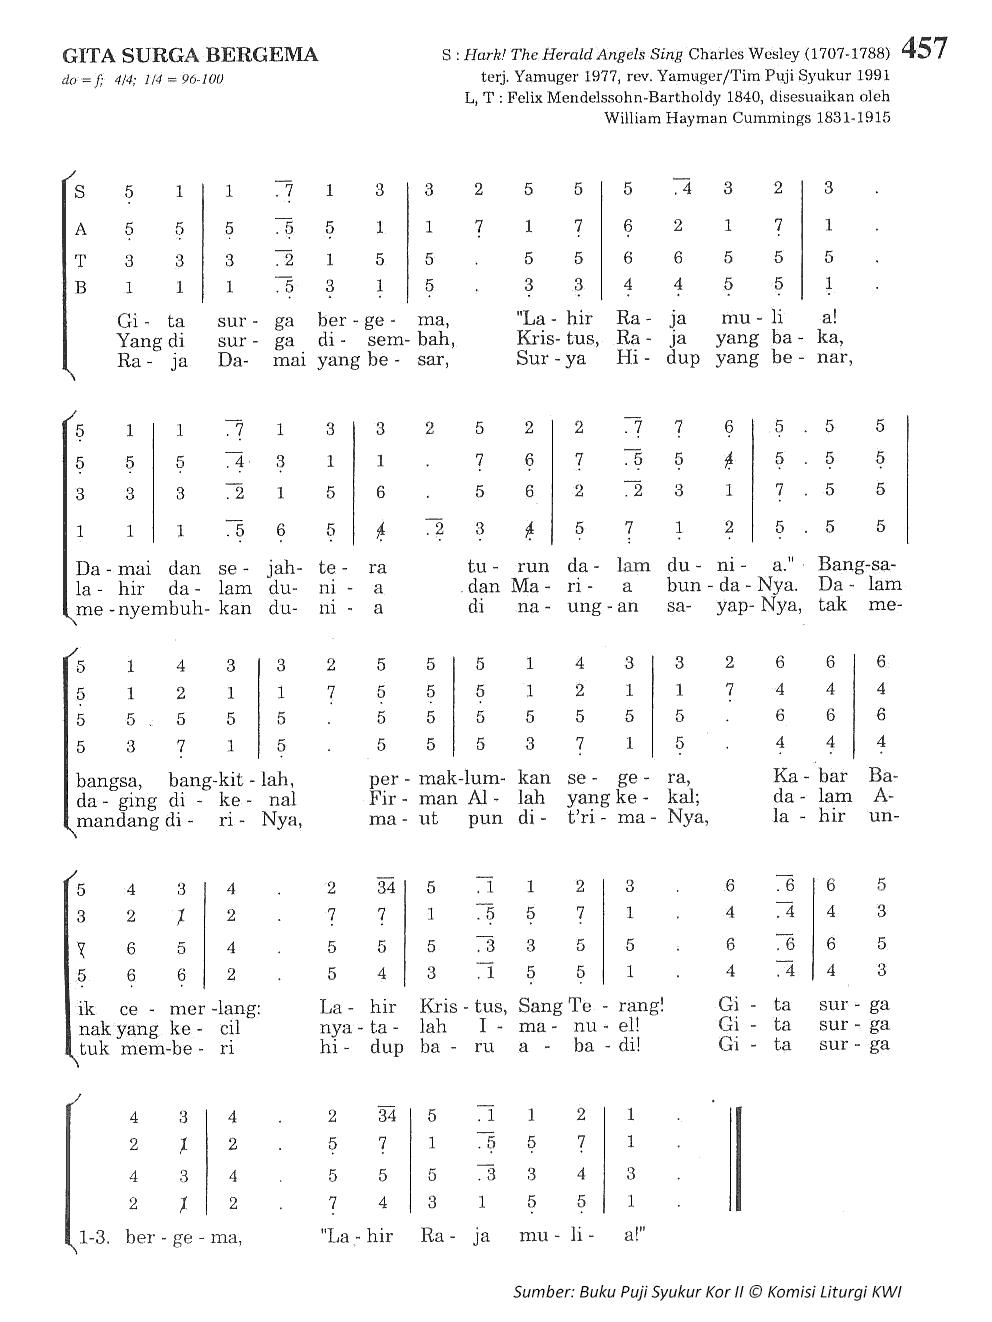 Lirik dan Chord Lagu Gita Surga Bergema - PS. 457 - Madah ...